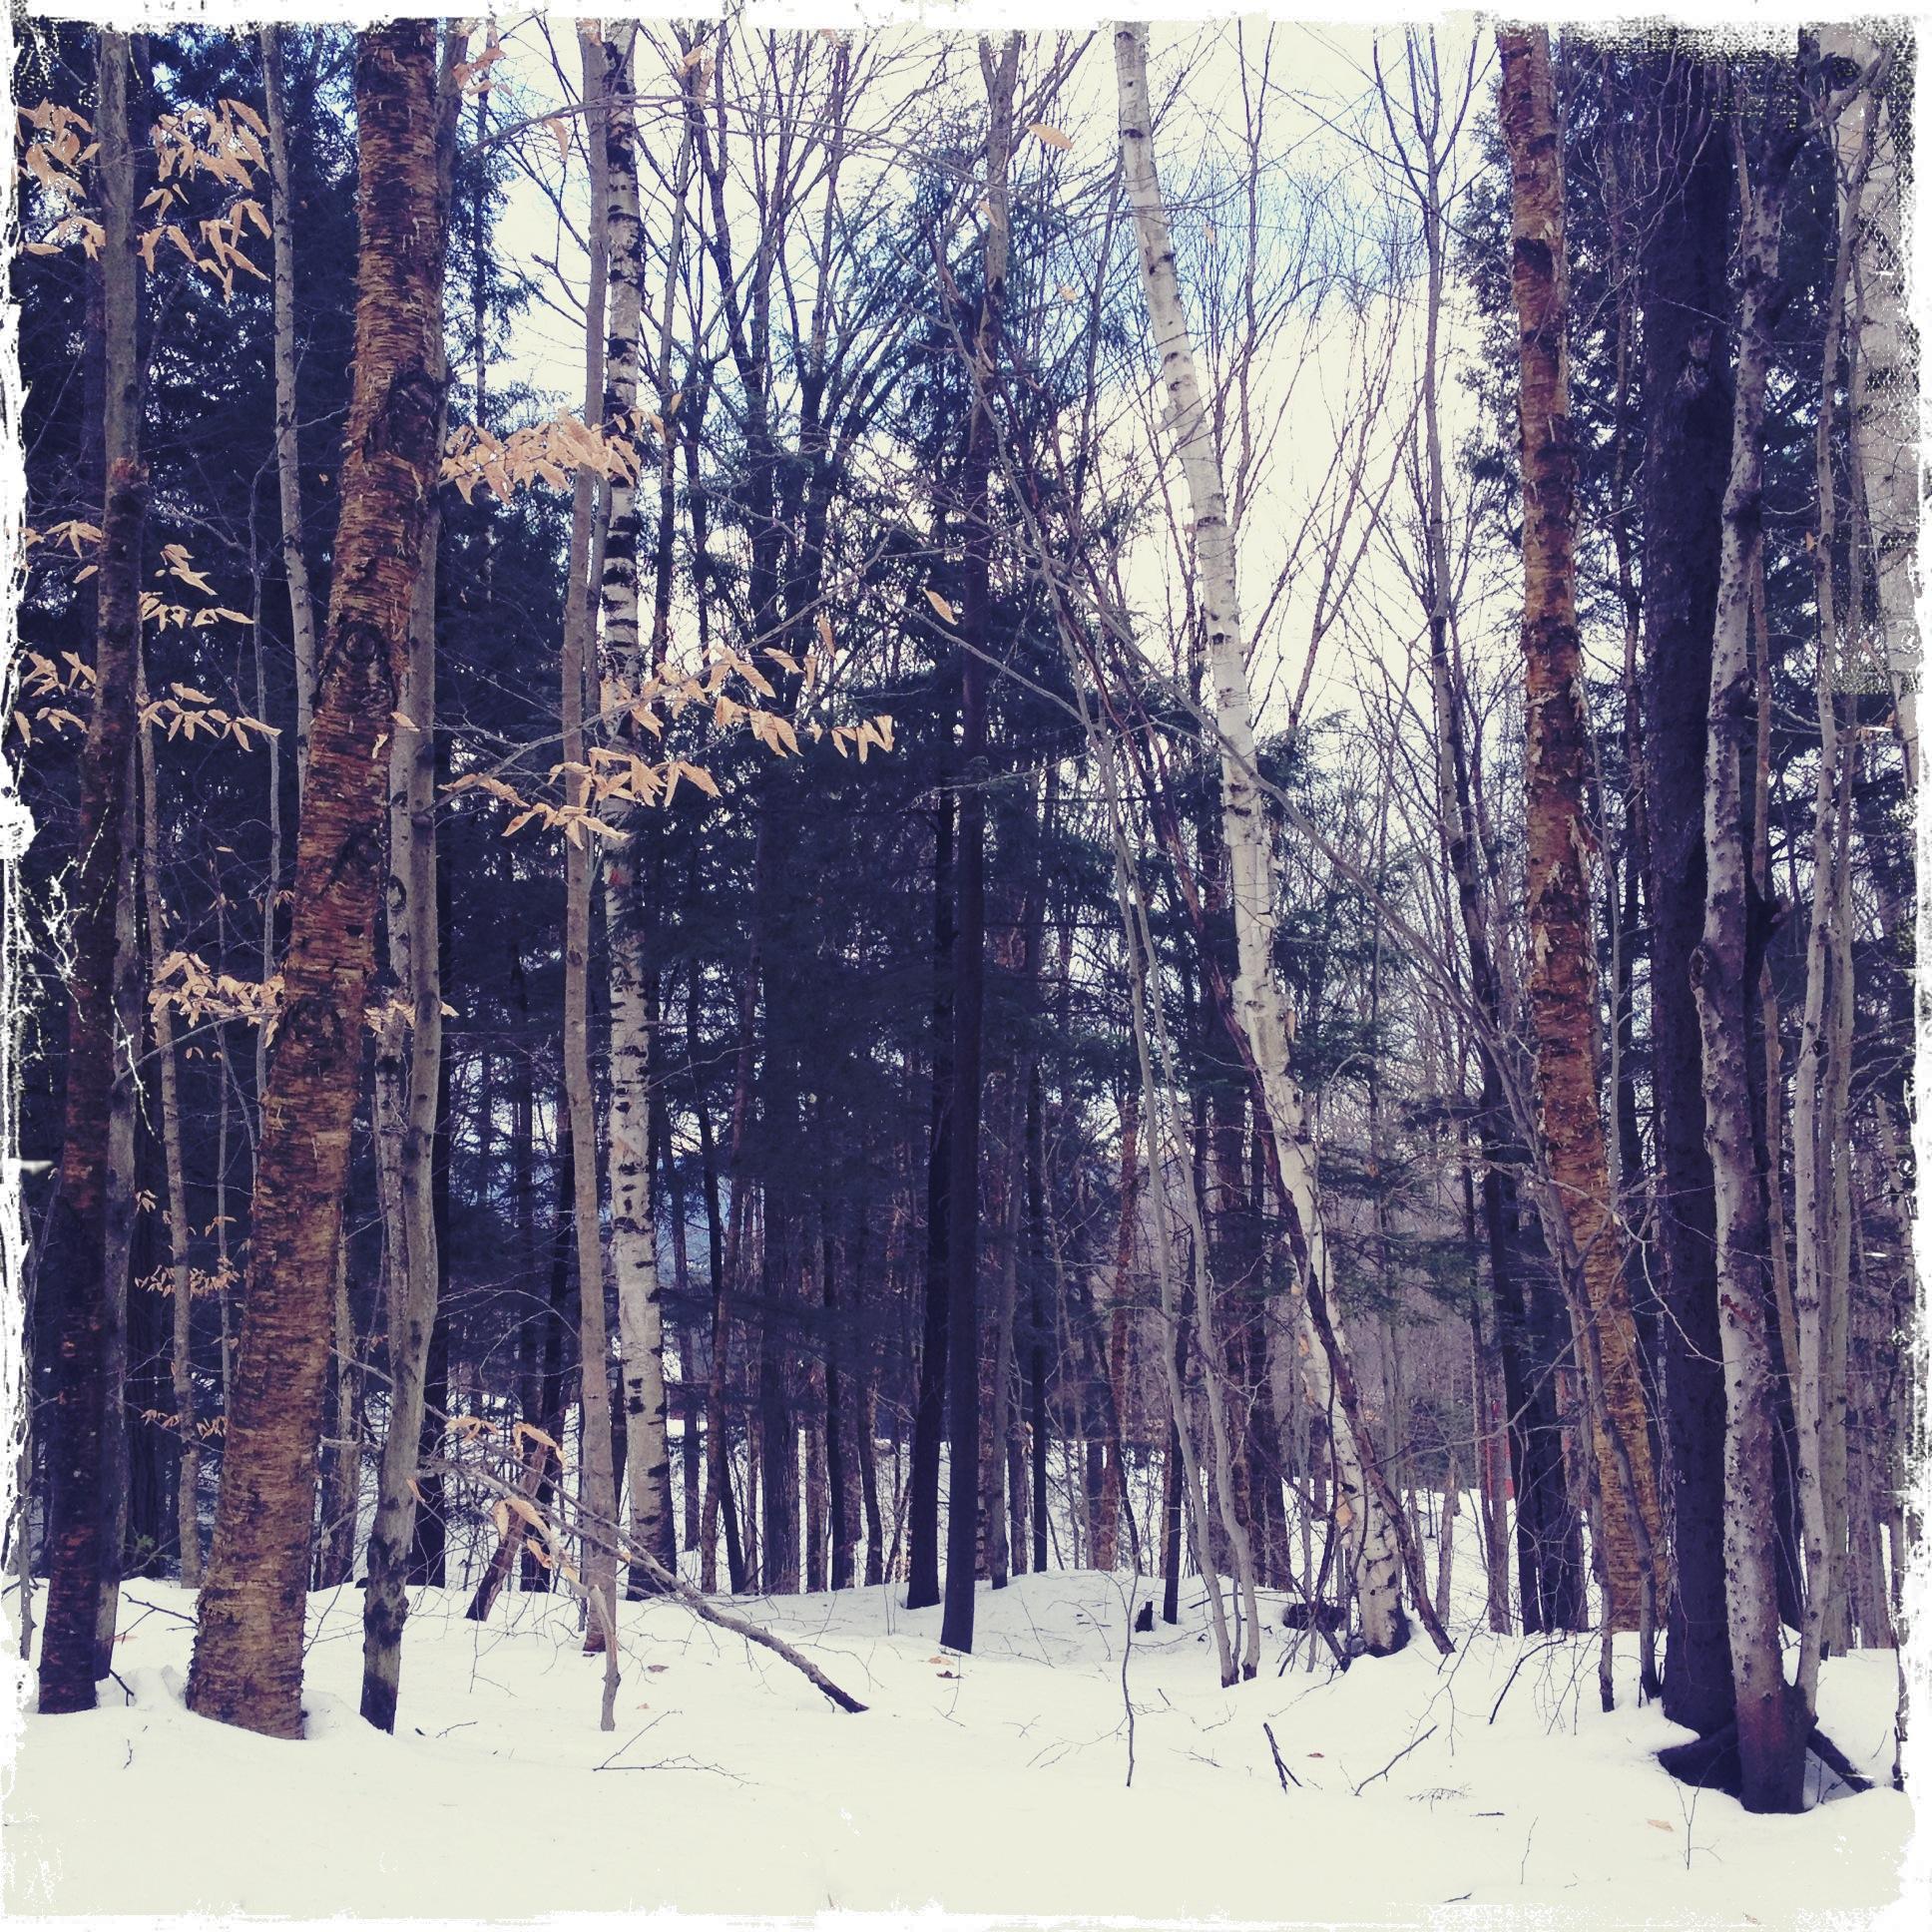 Vermont Winter Forest